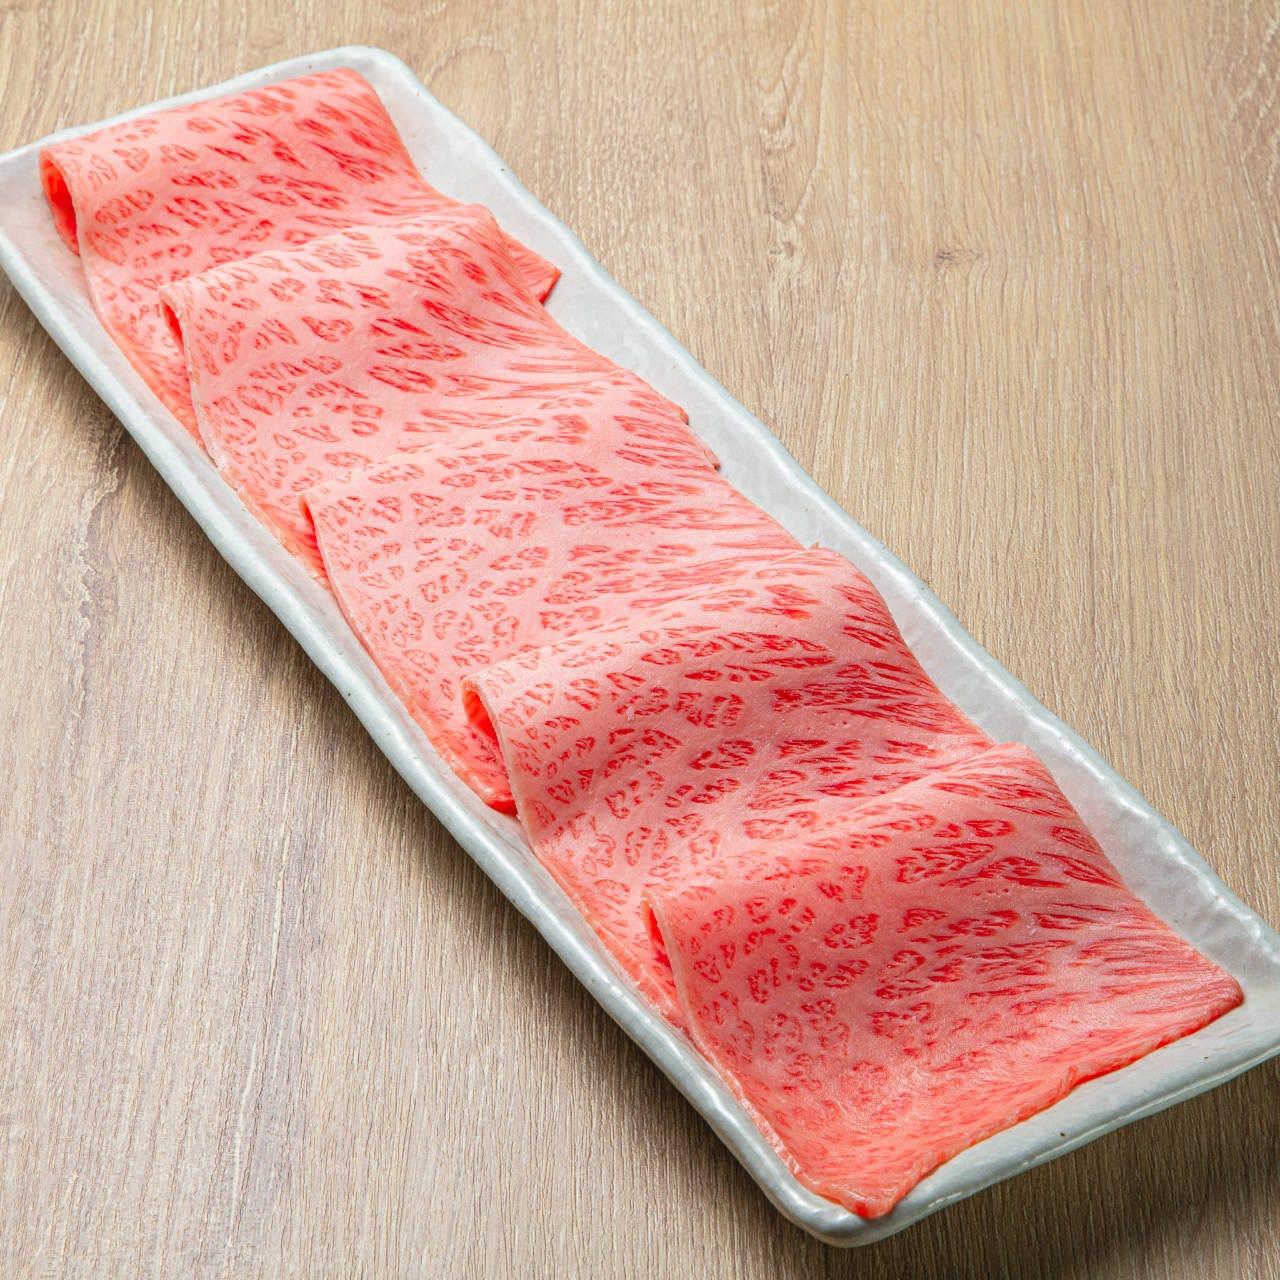 最高級のA5黒毛和牛赤身肉